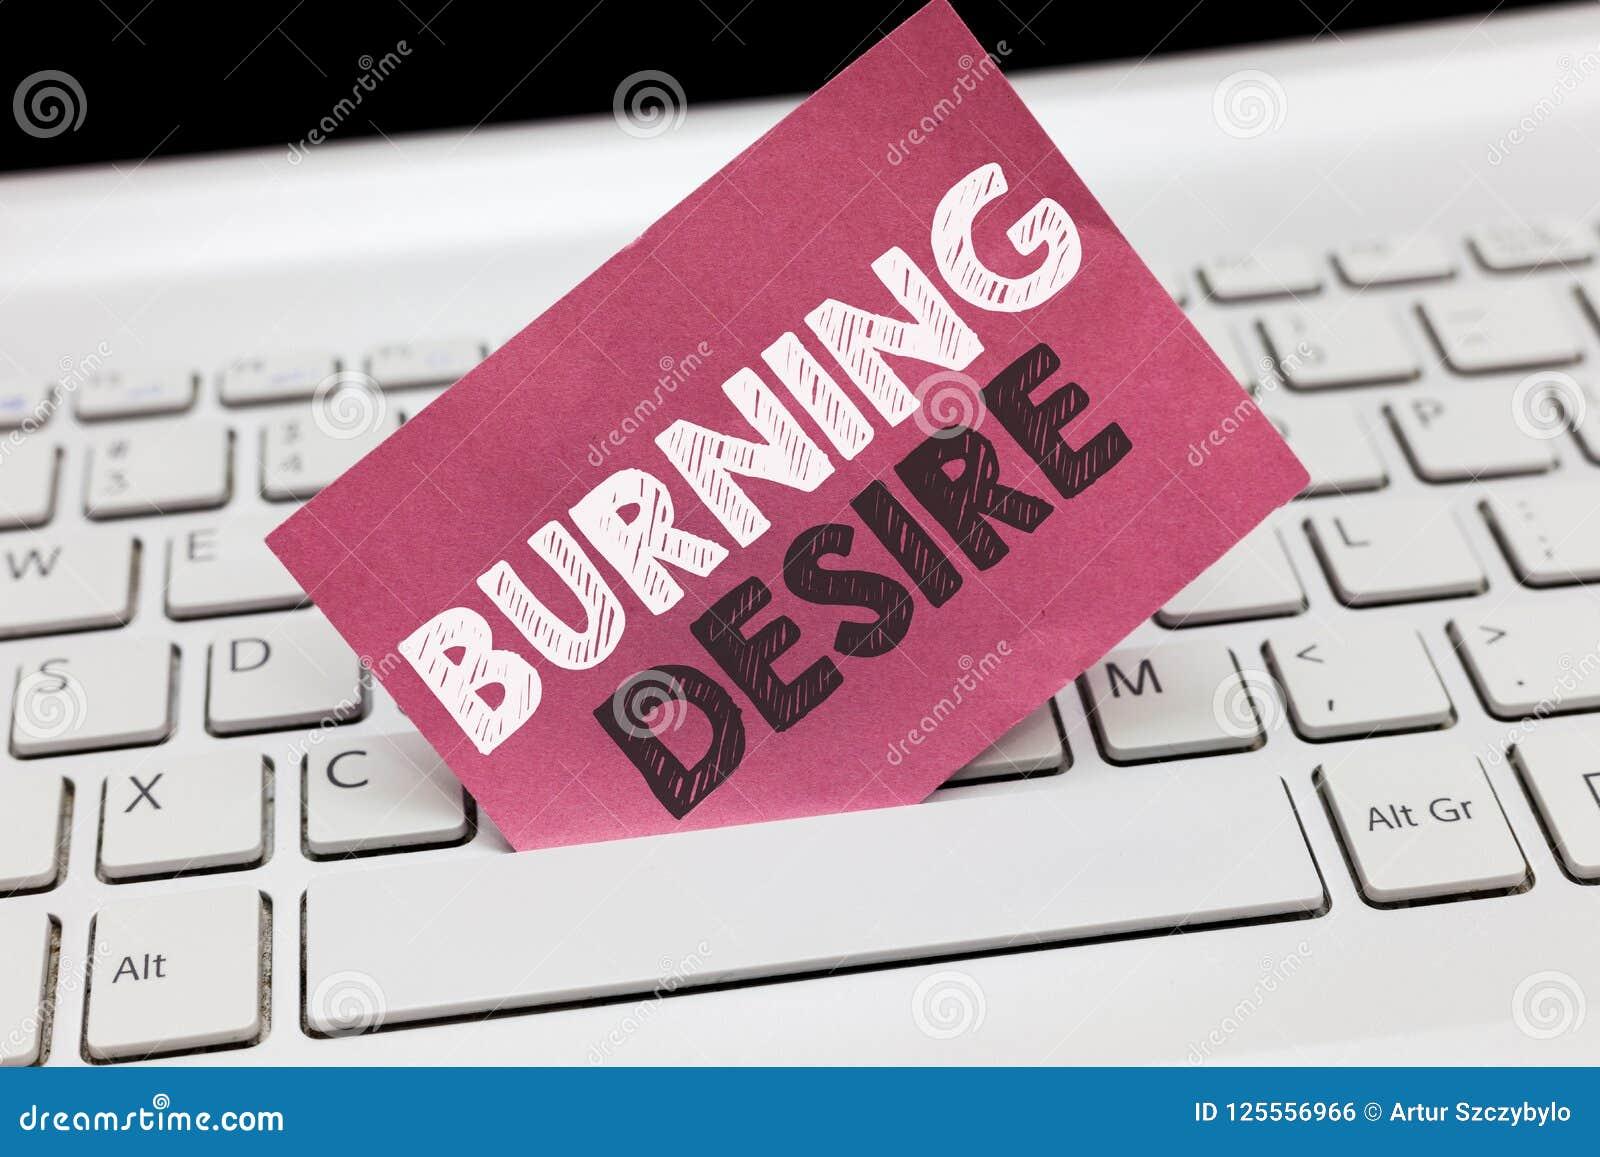 Begriffshandschrift, die brennenden Wunsch zeigt Das Geschäftsfoto, das extrem interessiert für etwas zur Schau stellt, wünschte